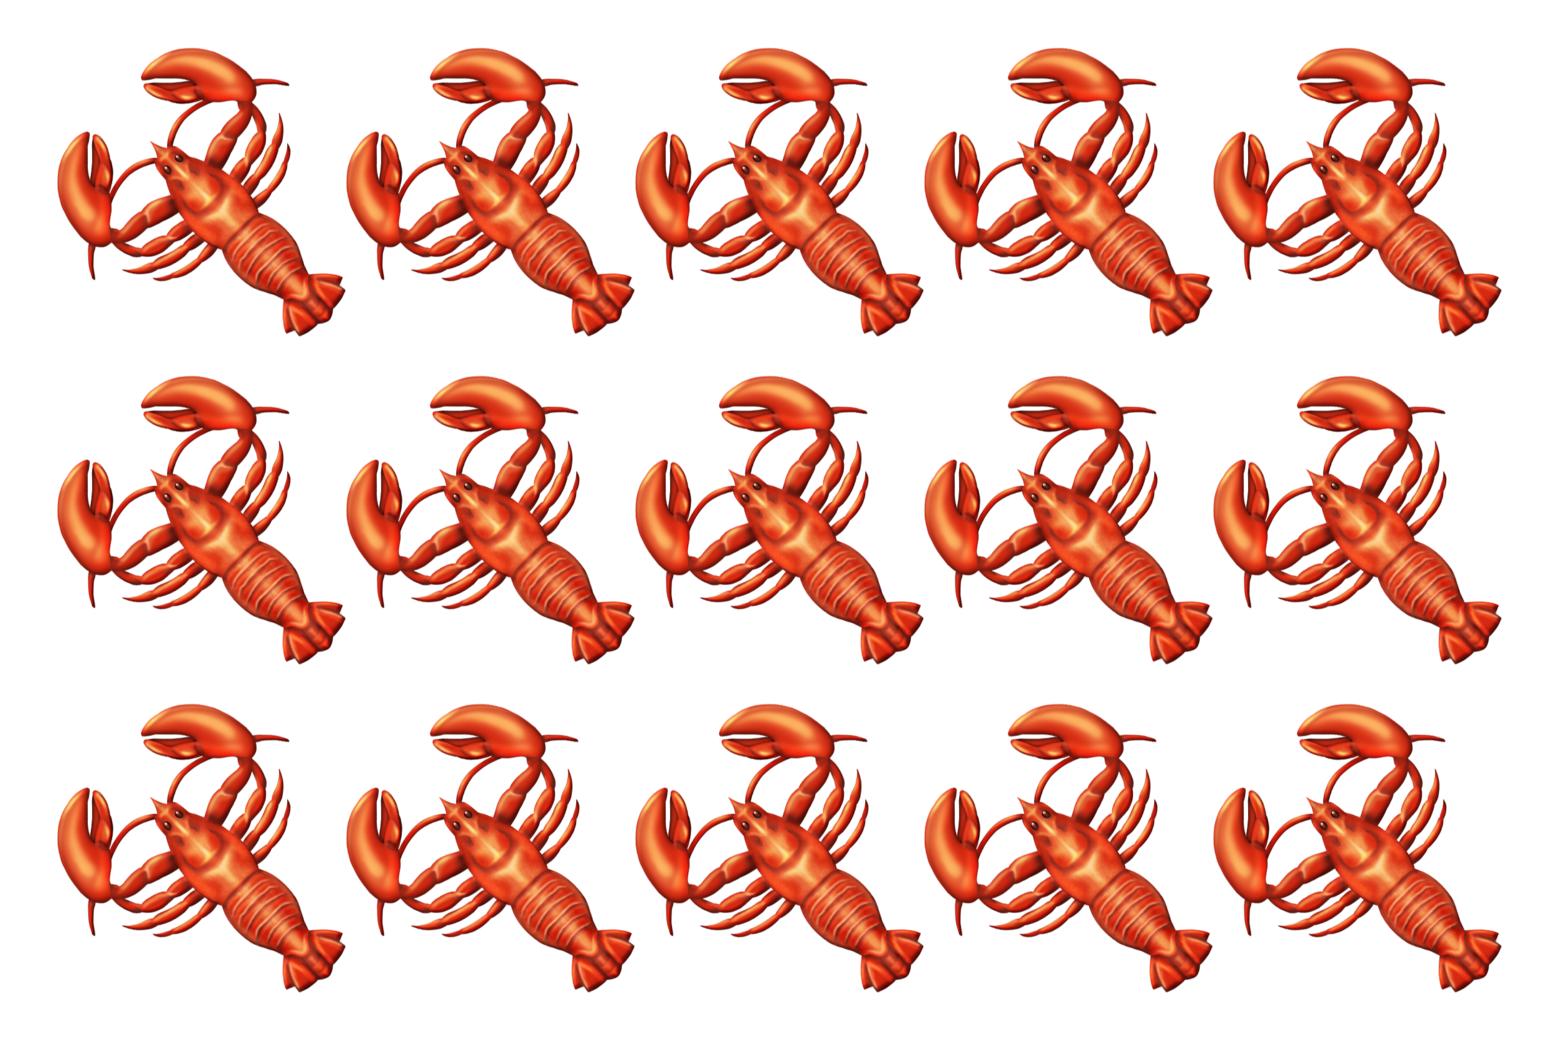 Lobster emojis.